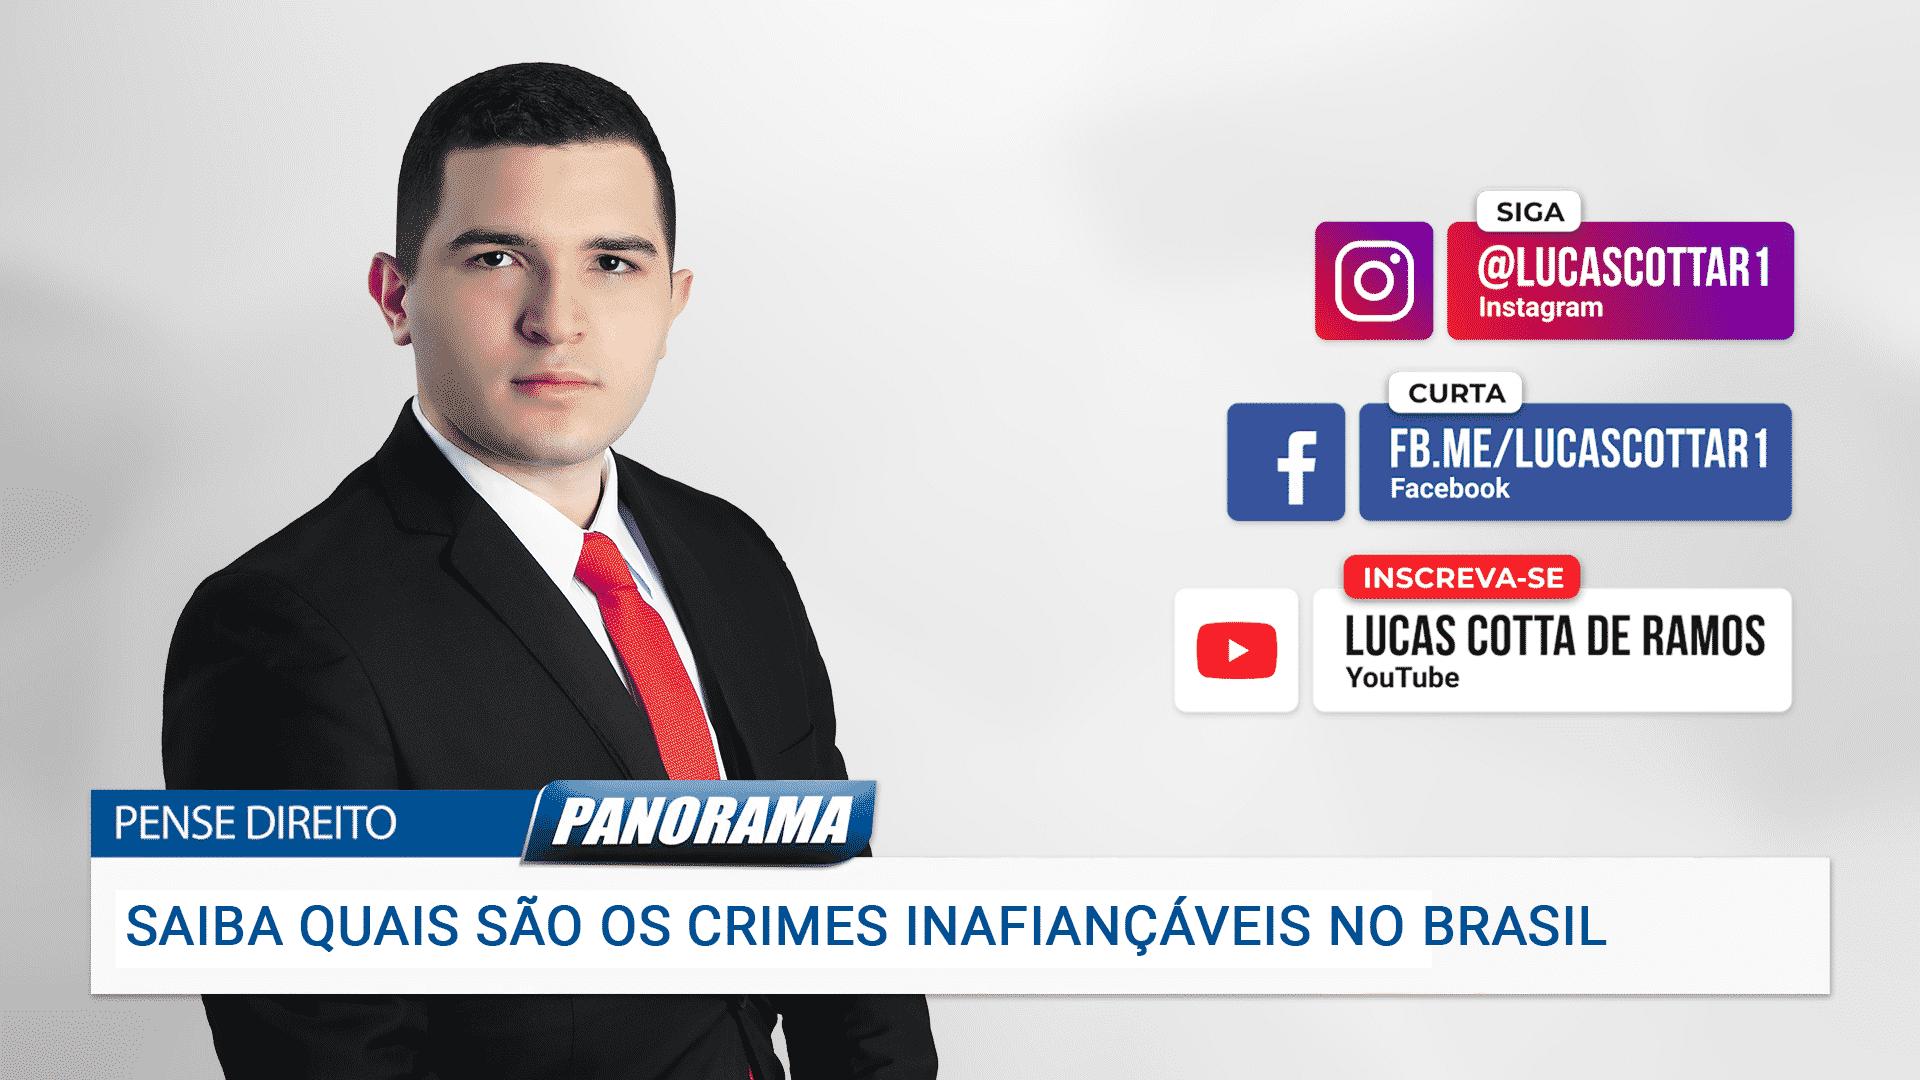 Saiba quais são os crimes inafiançáveis no Brasil